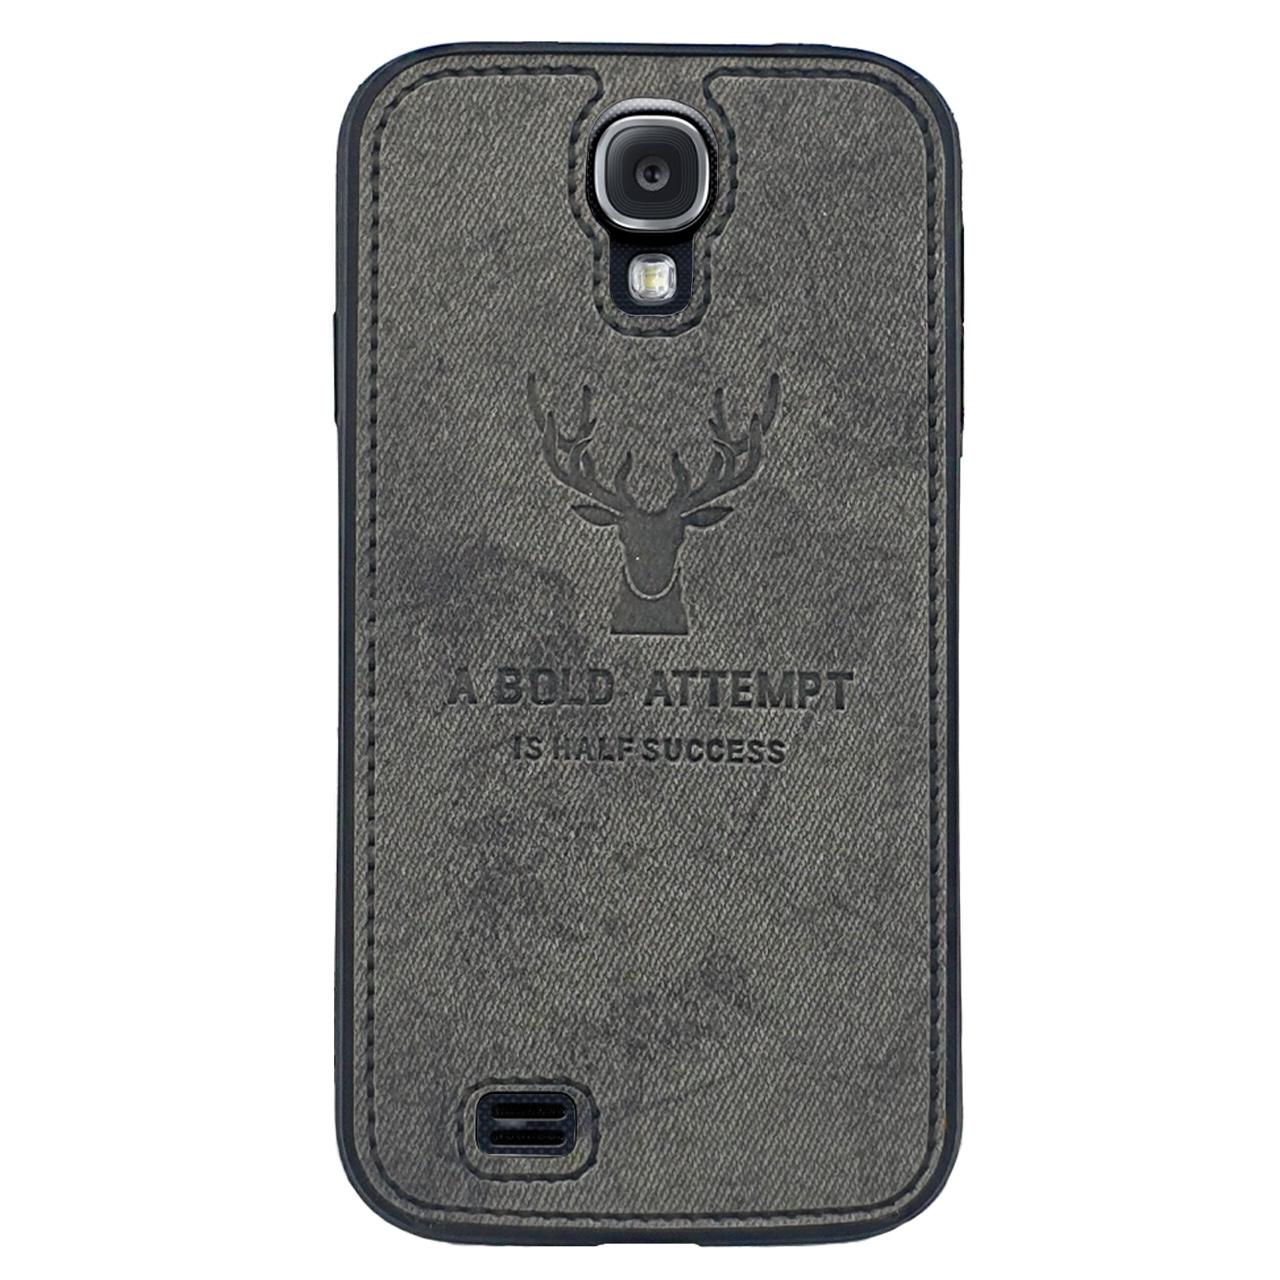 کاور مدل DEE-05 مناسب برای گوشی موبایل سامسونگ Galaxy S4